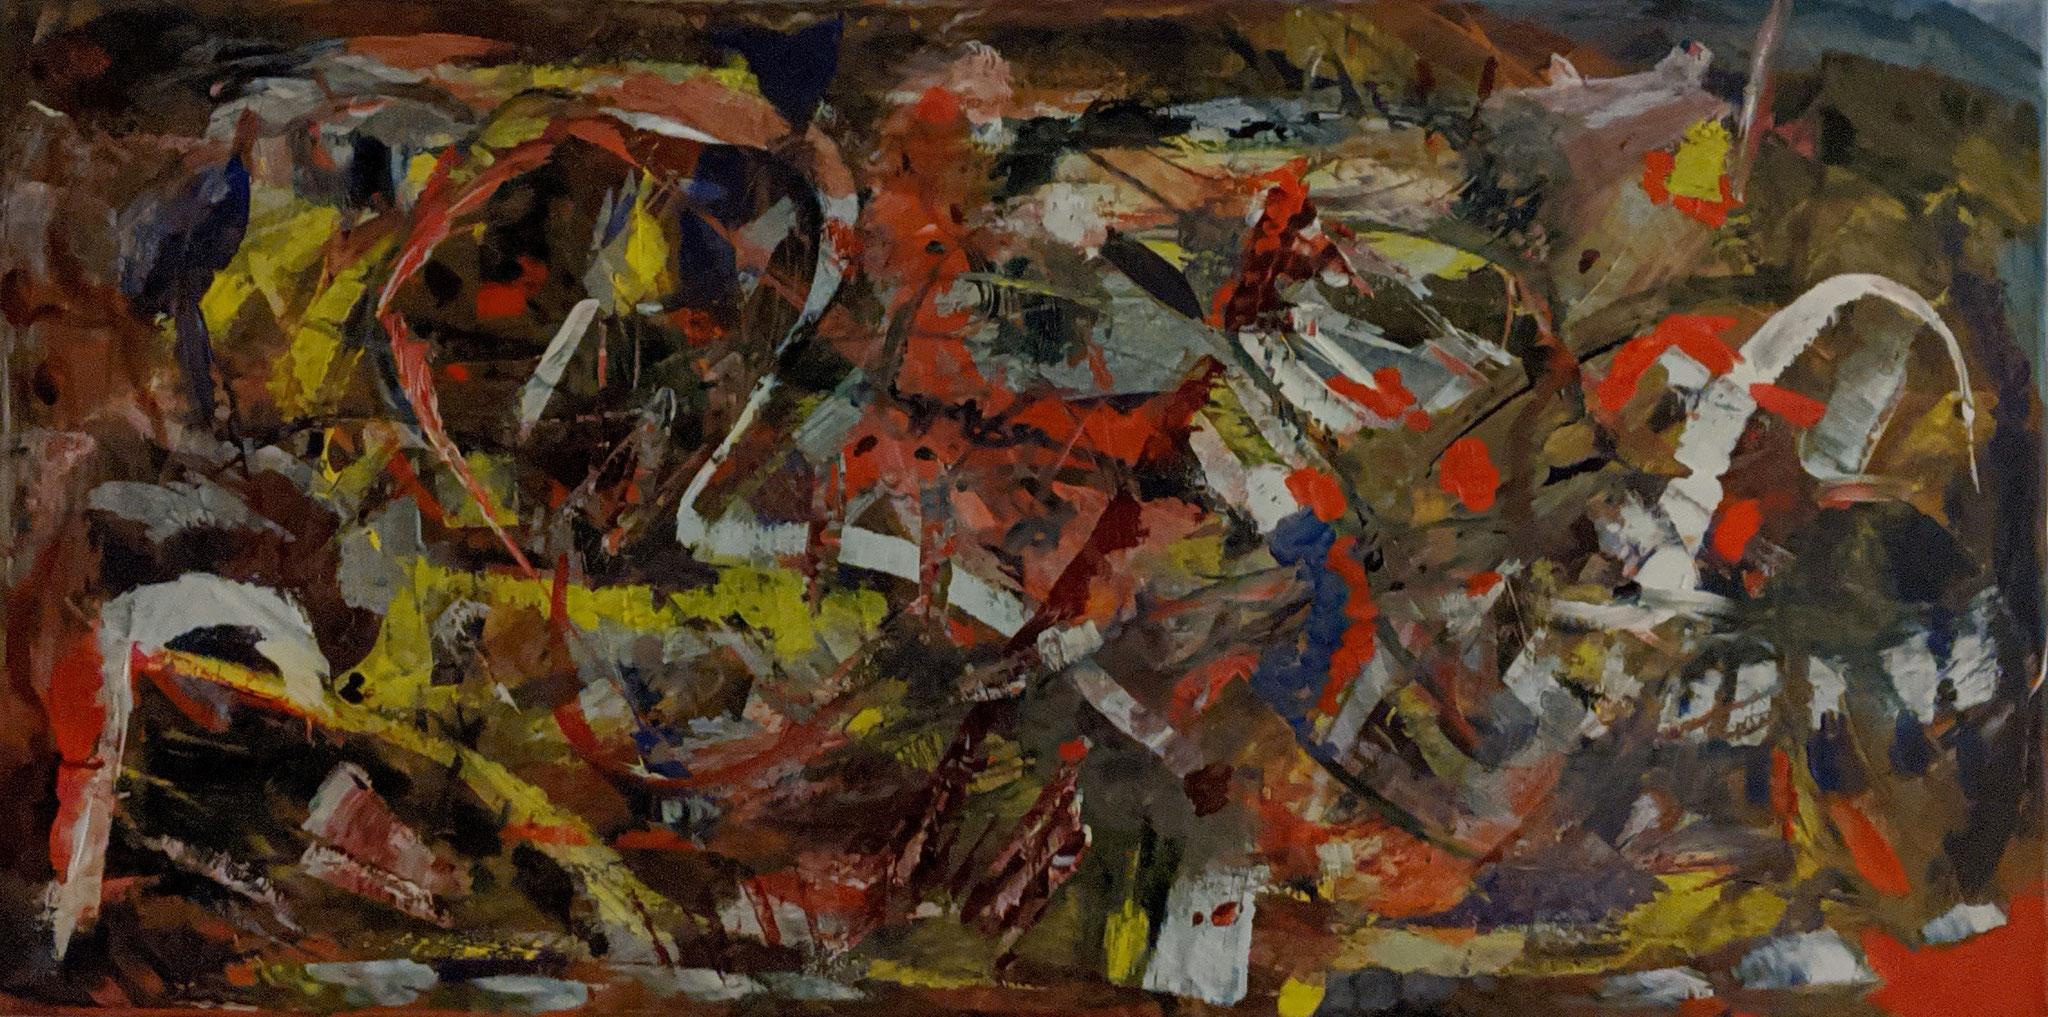 4.1., Gemälde im XXL-Format von Hagen van den Boom, Havelsee, A2